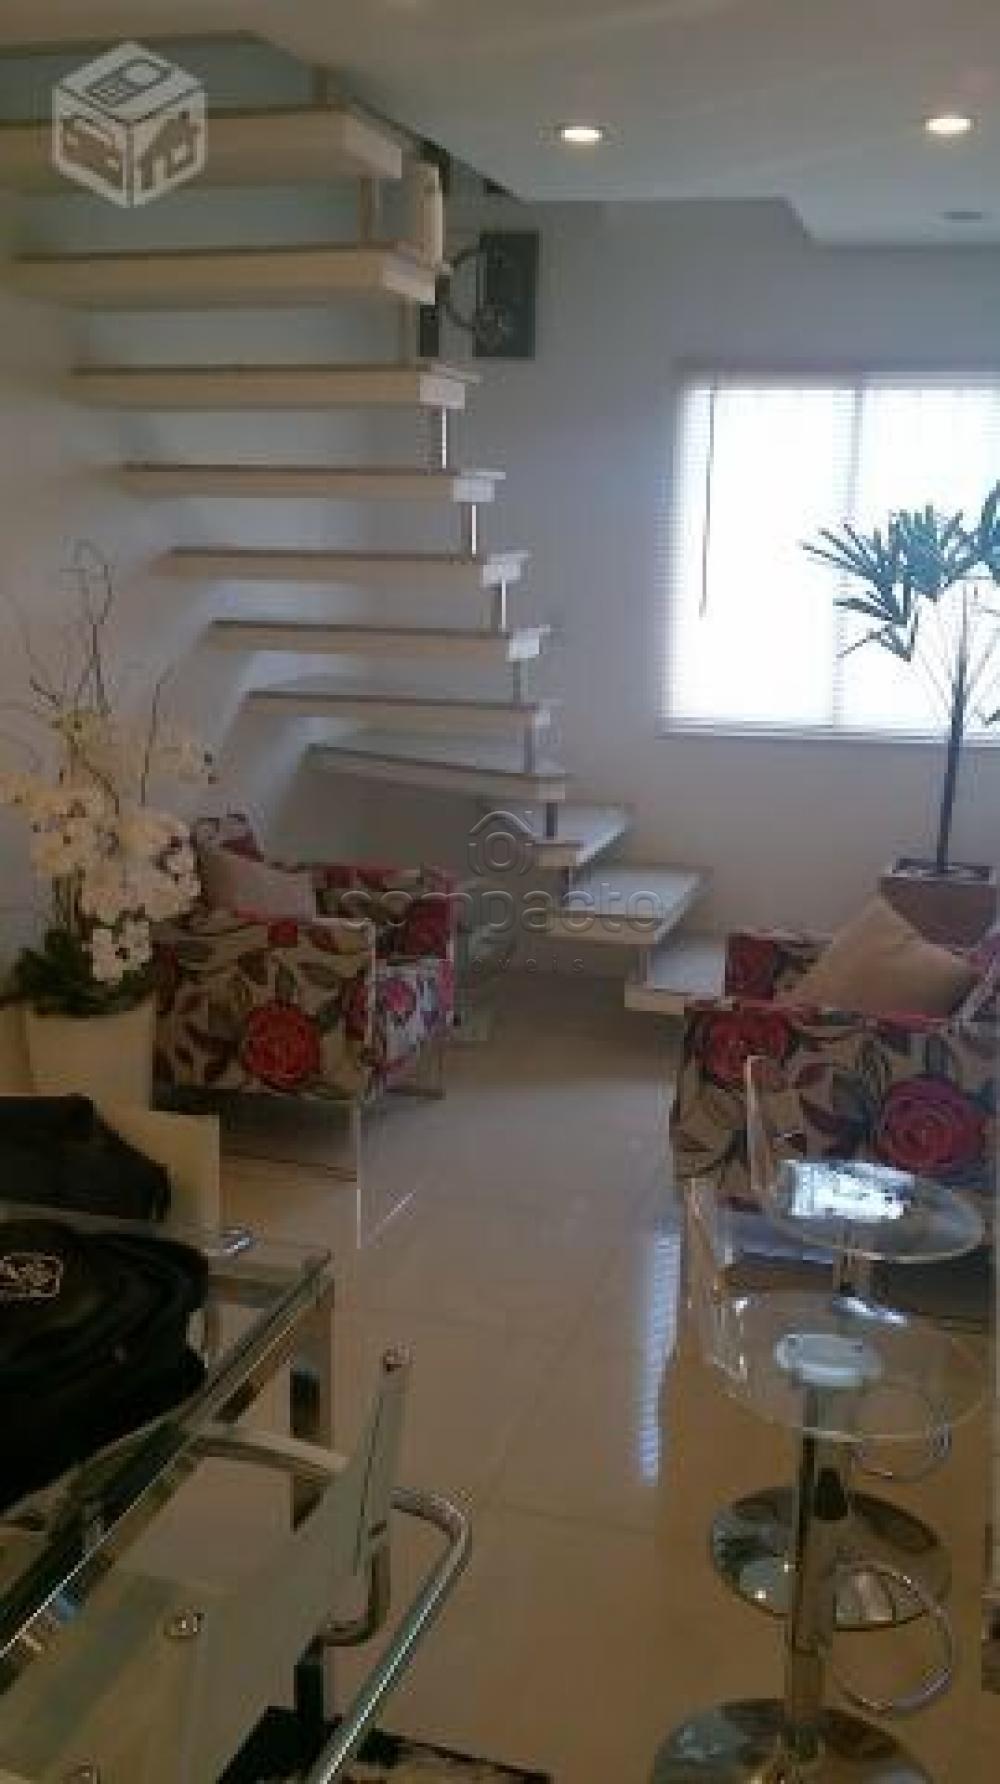 Comprar Apartamento / Cobertura em São José do Rio Preto apenas R$ 340.000,00 - Foto 6